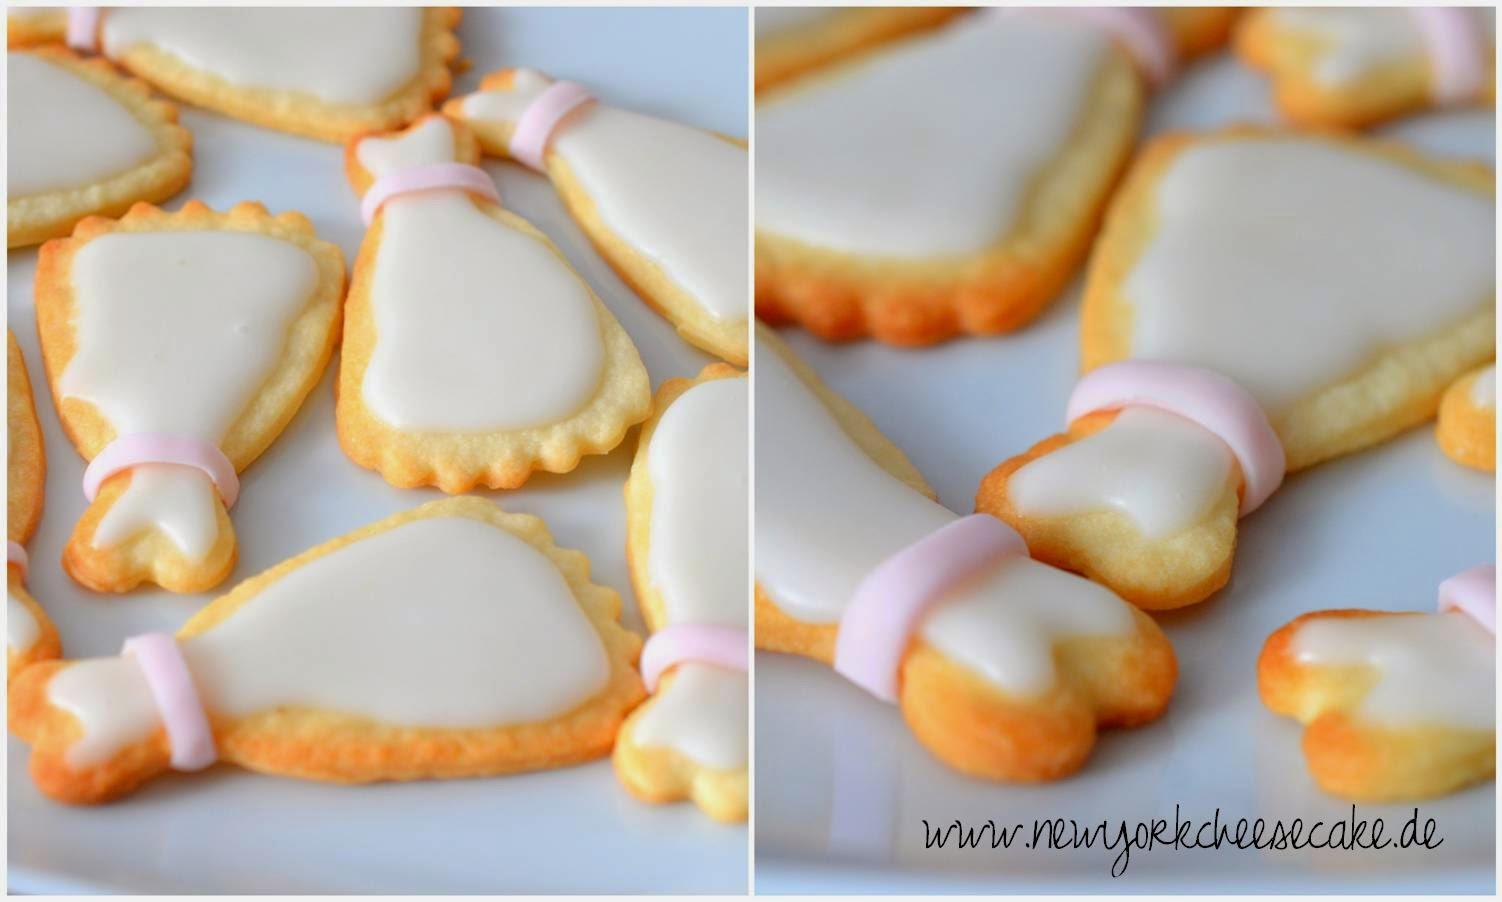 Brautkleid-Kekse, Hochzeit, Sektempfang